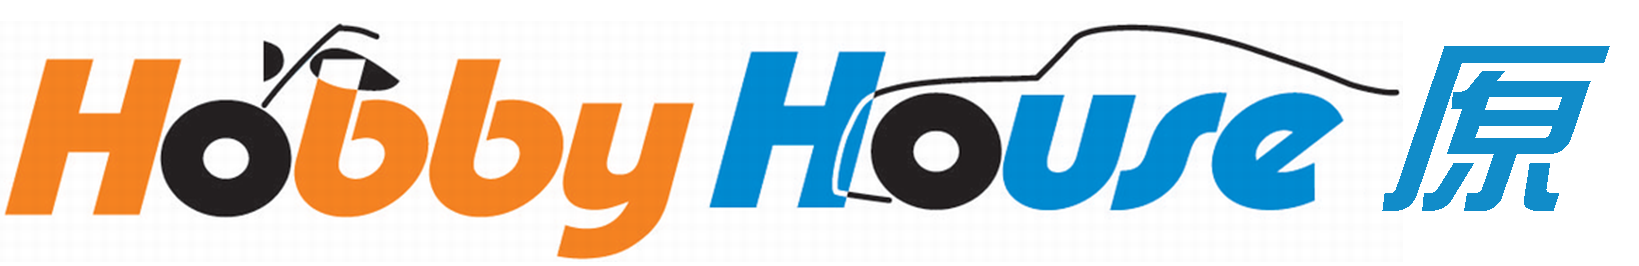 HobbyHouse原ロゴ